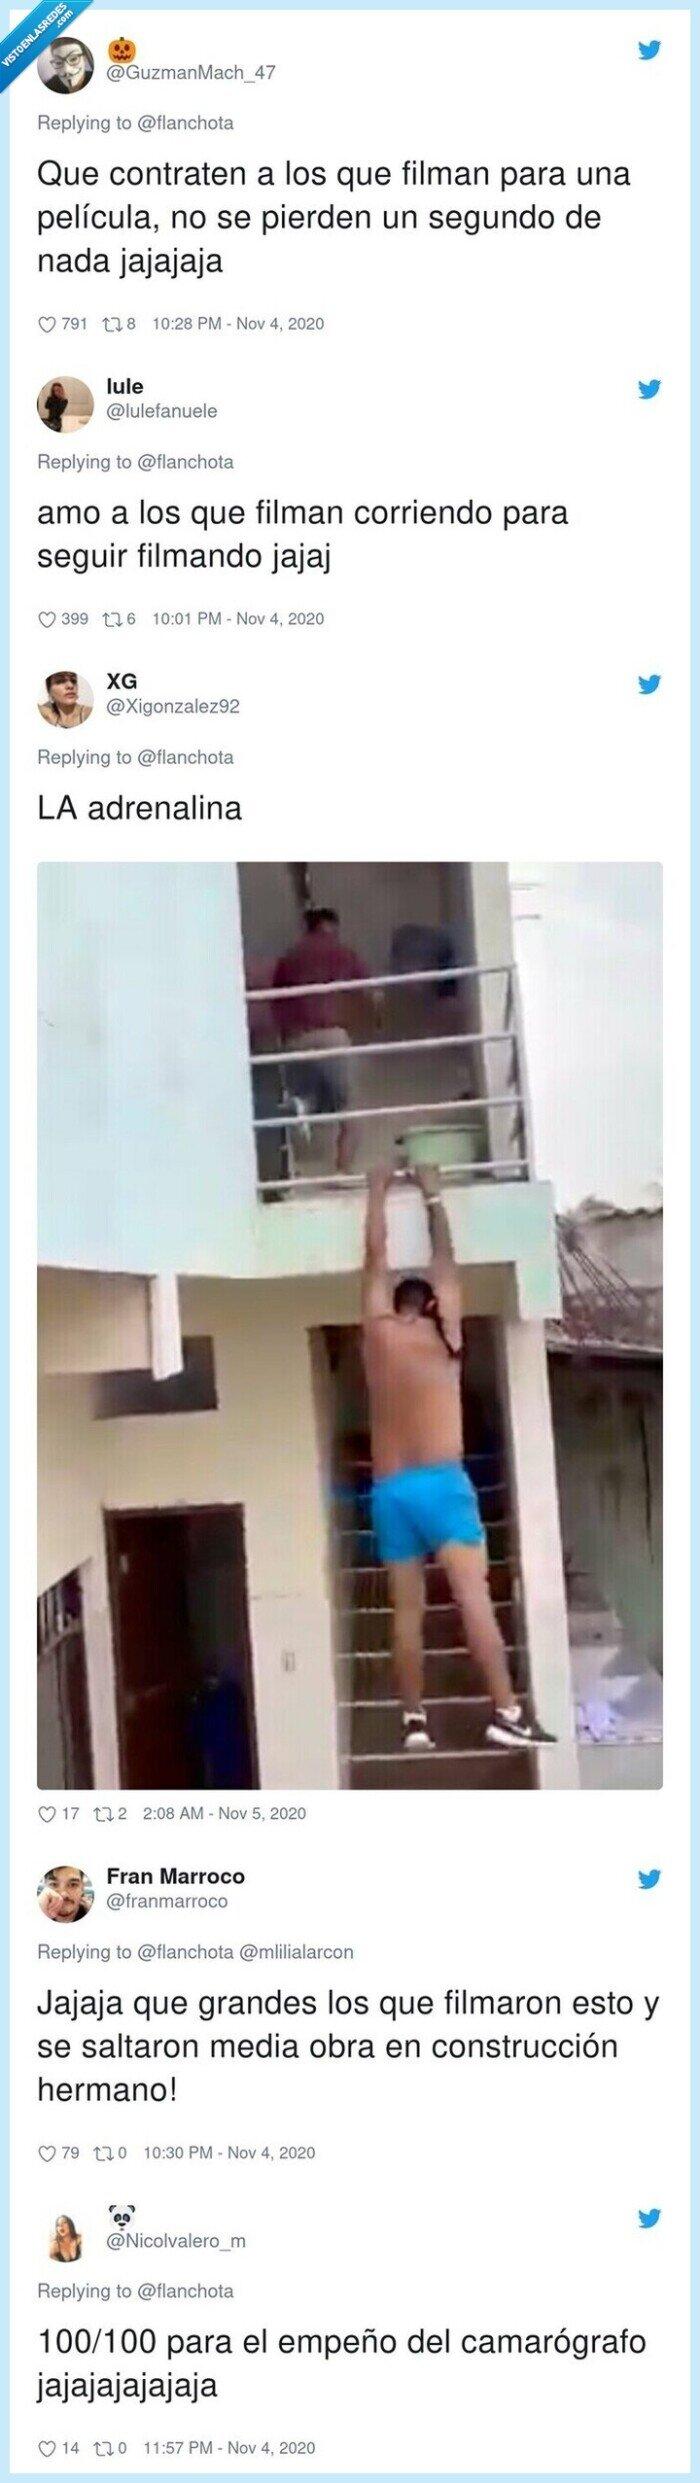 734925 - Graba como el amante de su vecina salta por el balcón tras la pillada del novio y empieza una persecución que podría ser la escena de una película de acción, por @flanchota